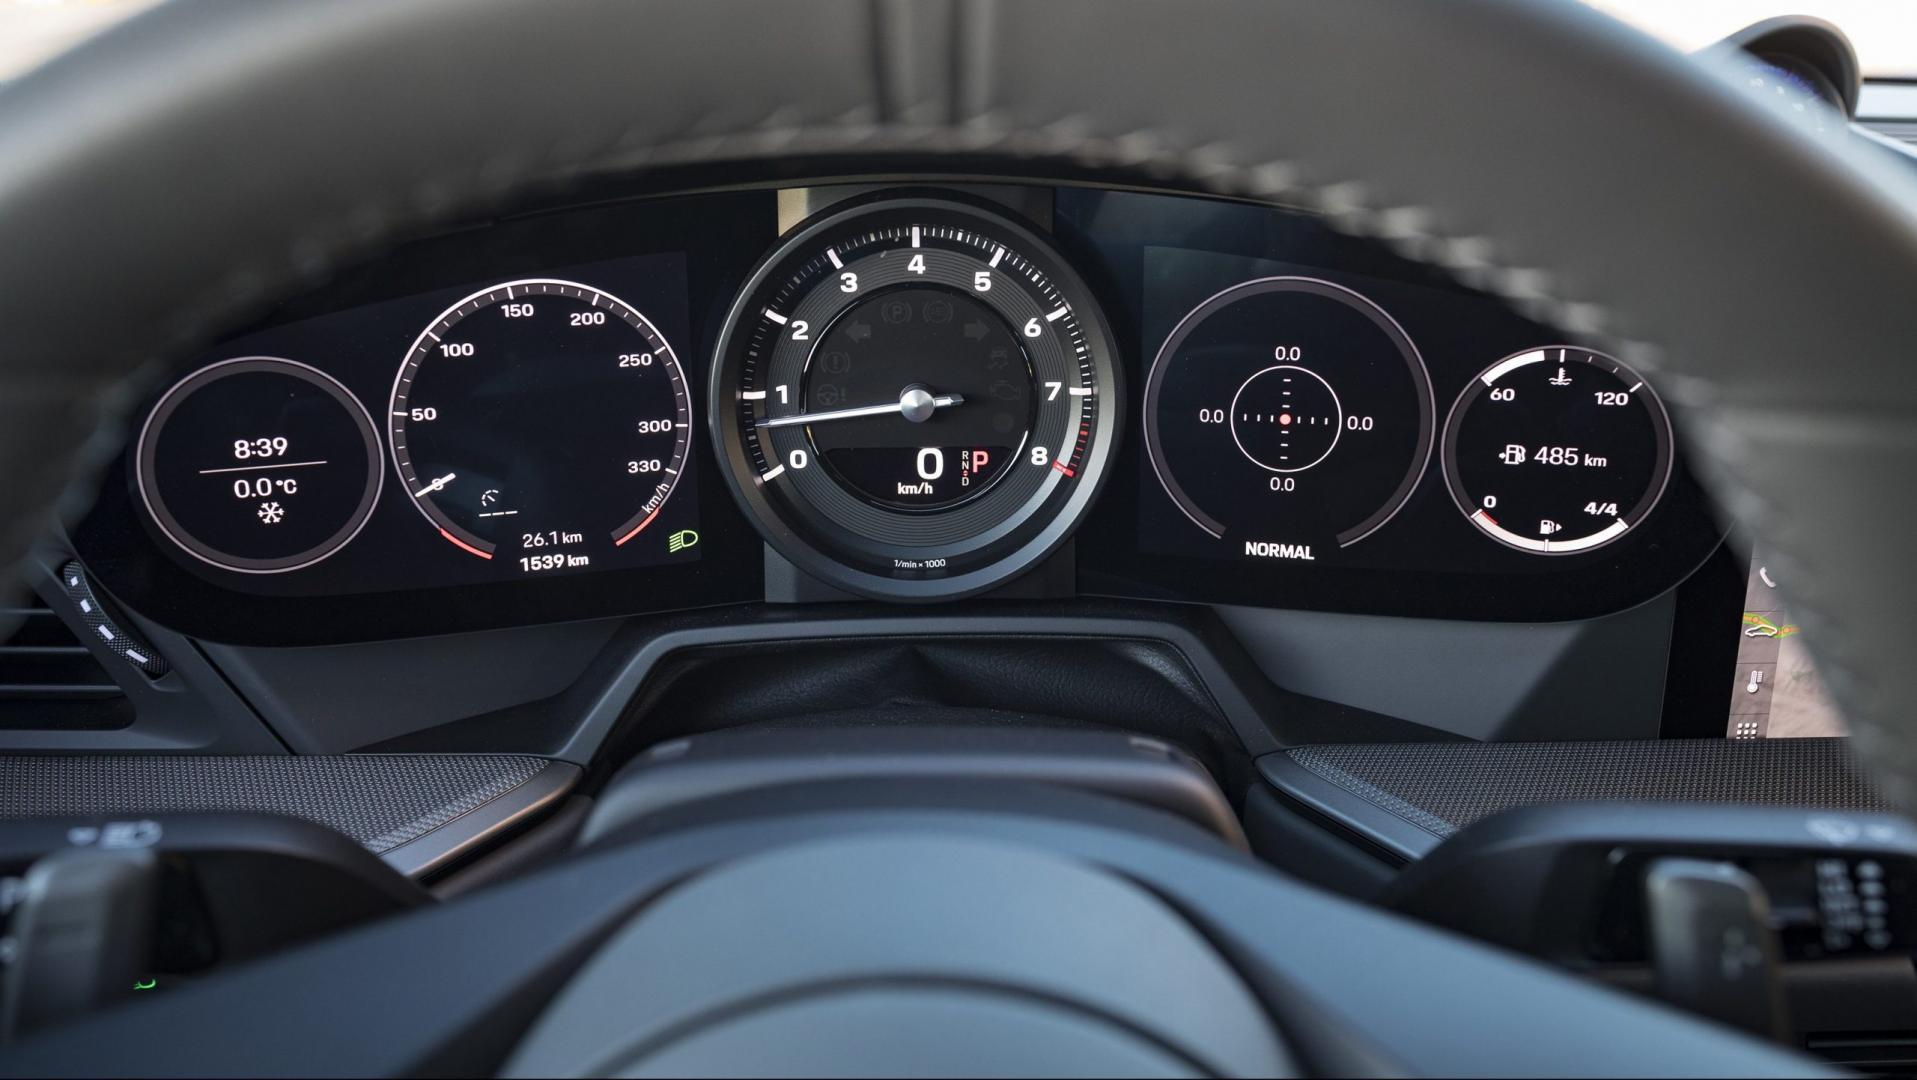 Porsche 911 Carrera 4S Sport Plus interieur meters